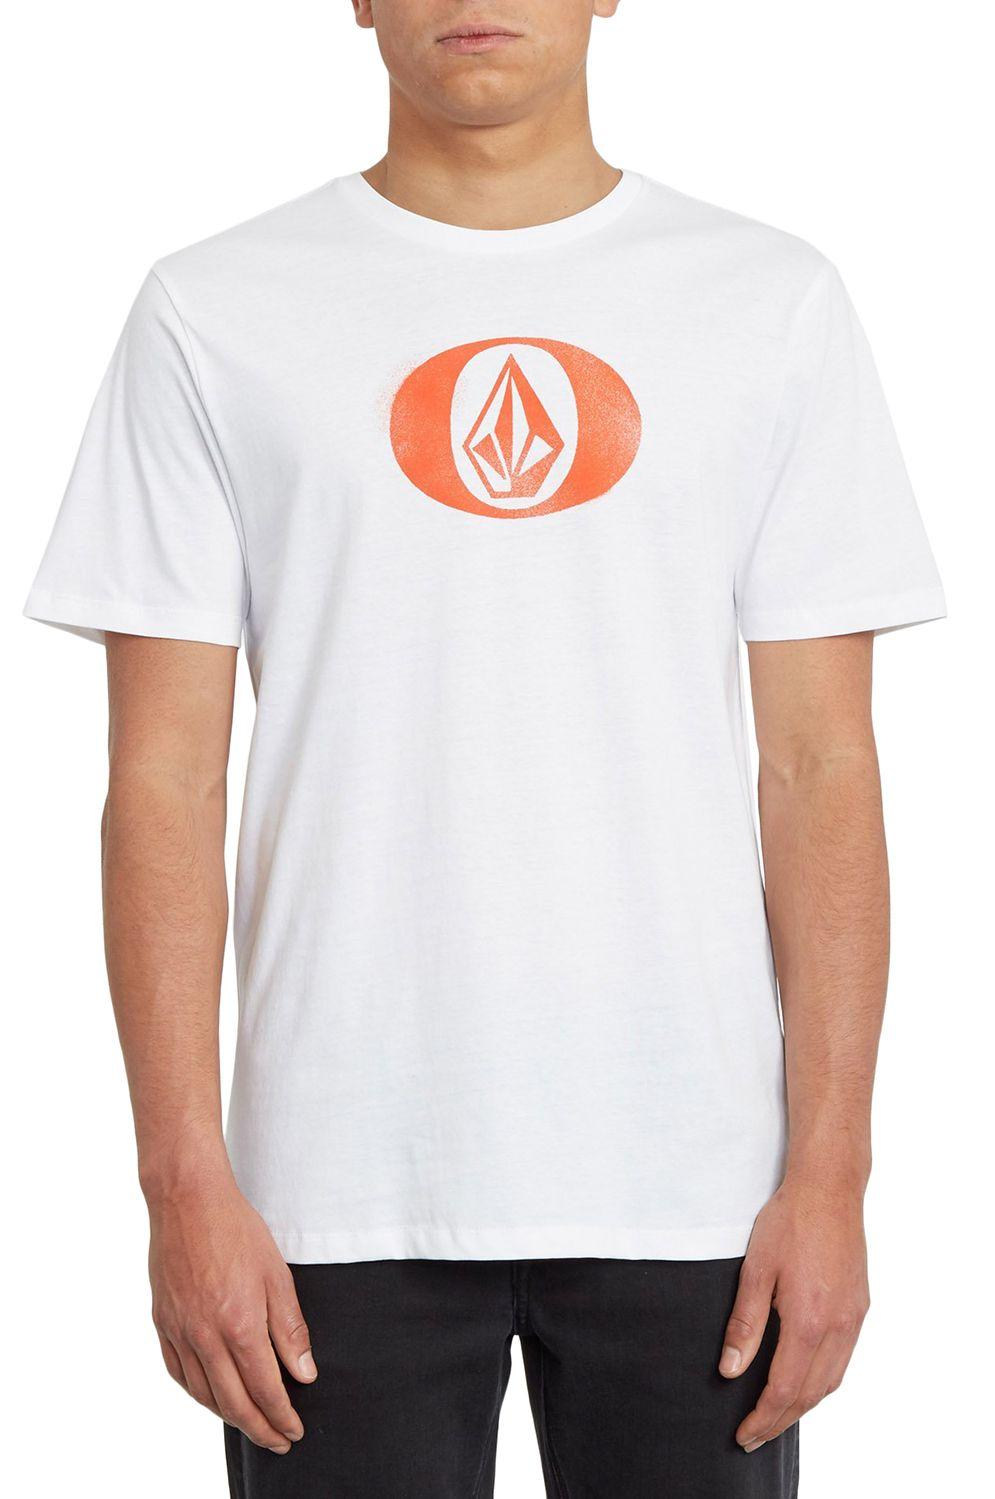 T-Shirt Volcom ELYPSE FTY White